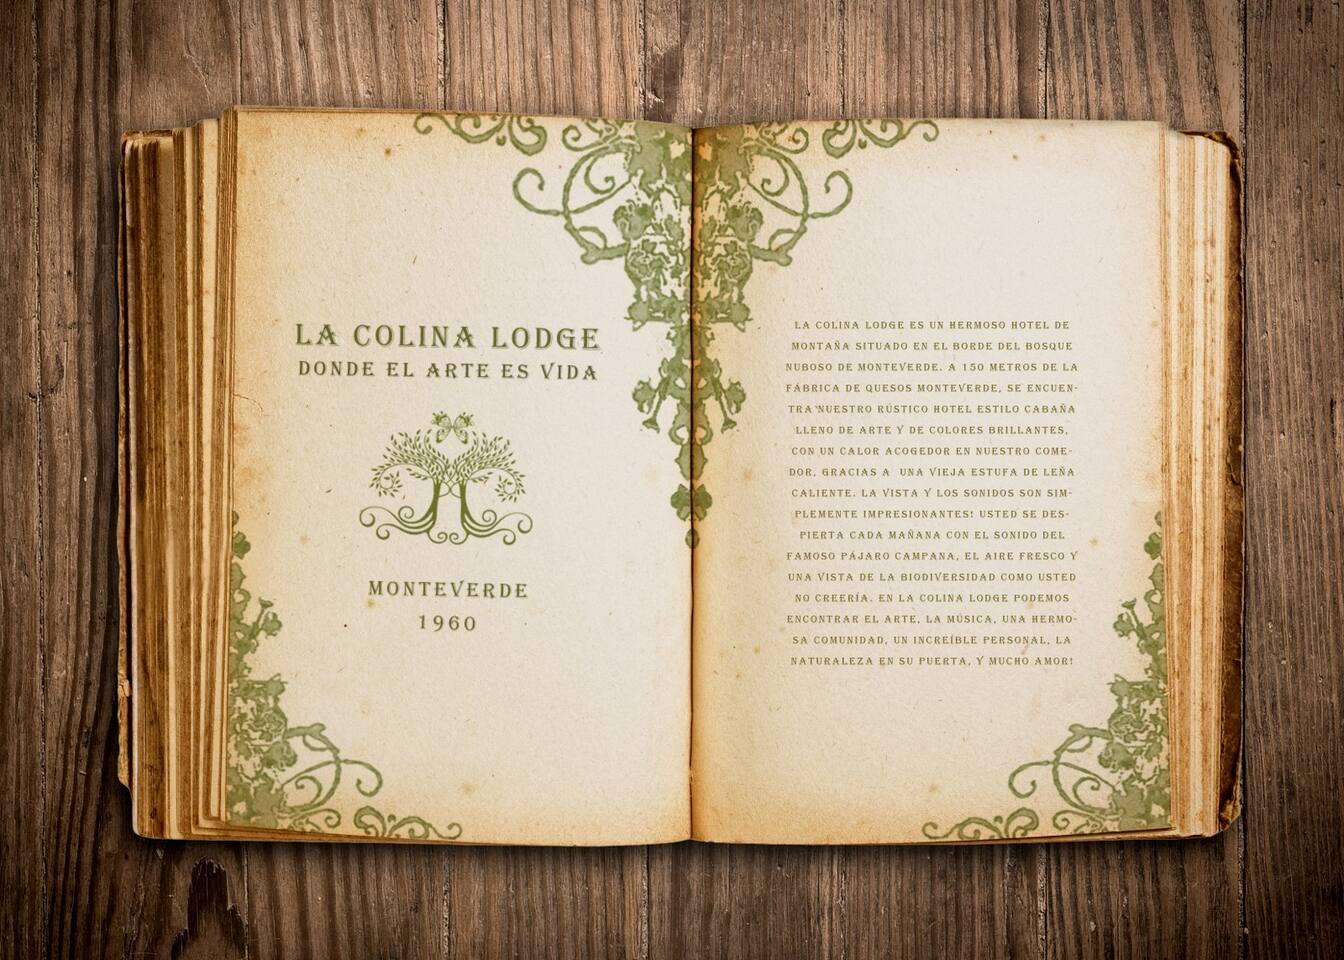 La Colina Lodge, Arte y Naturaleza